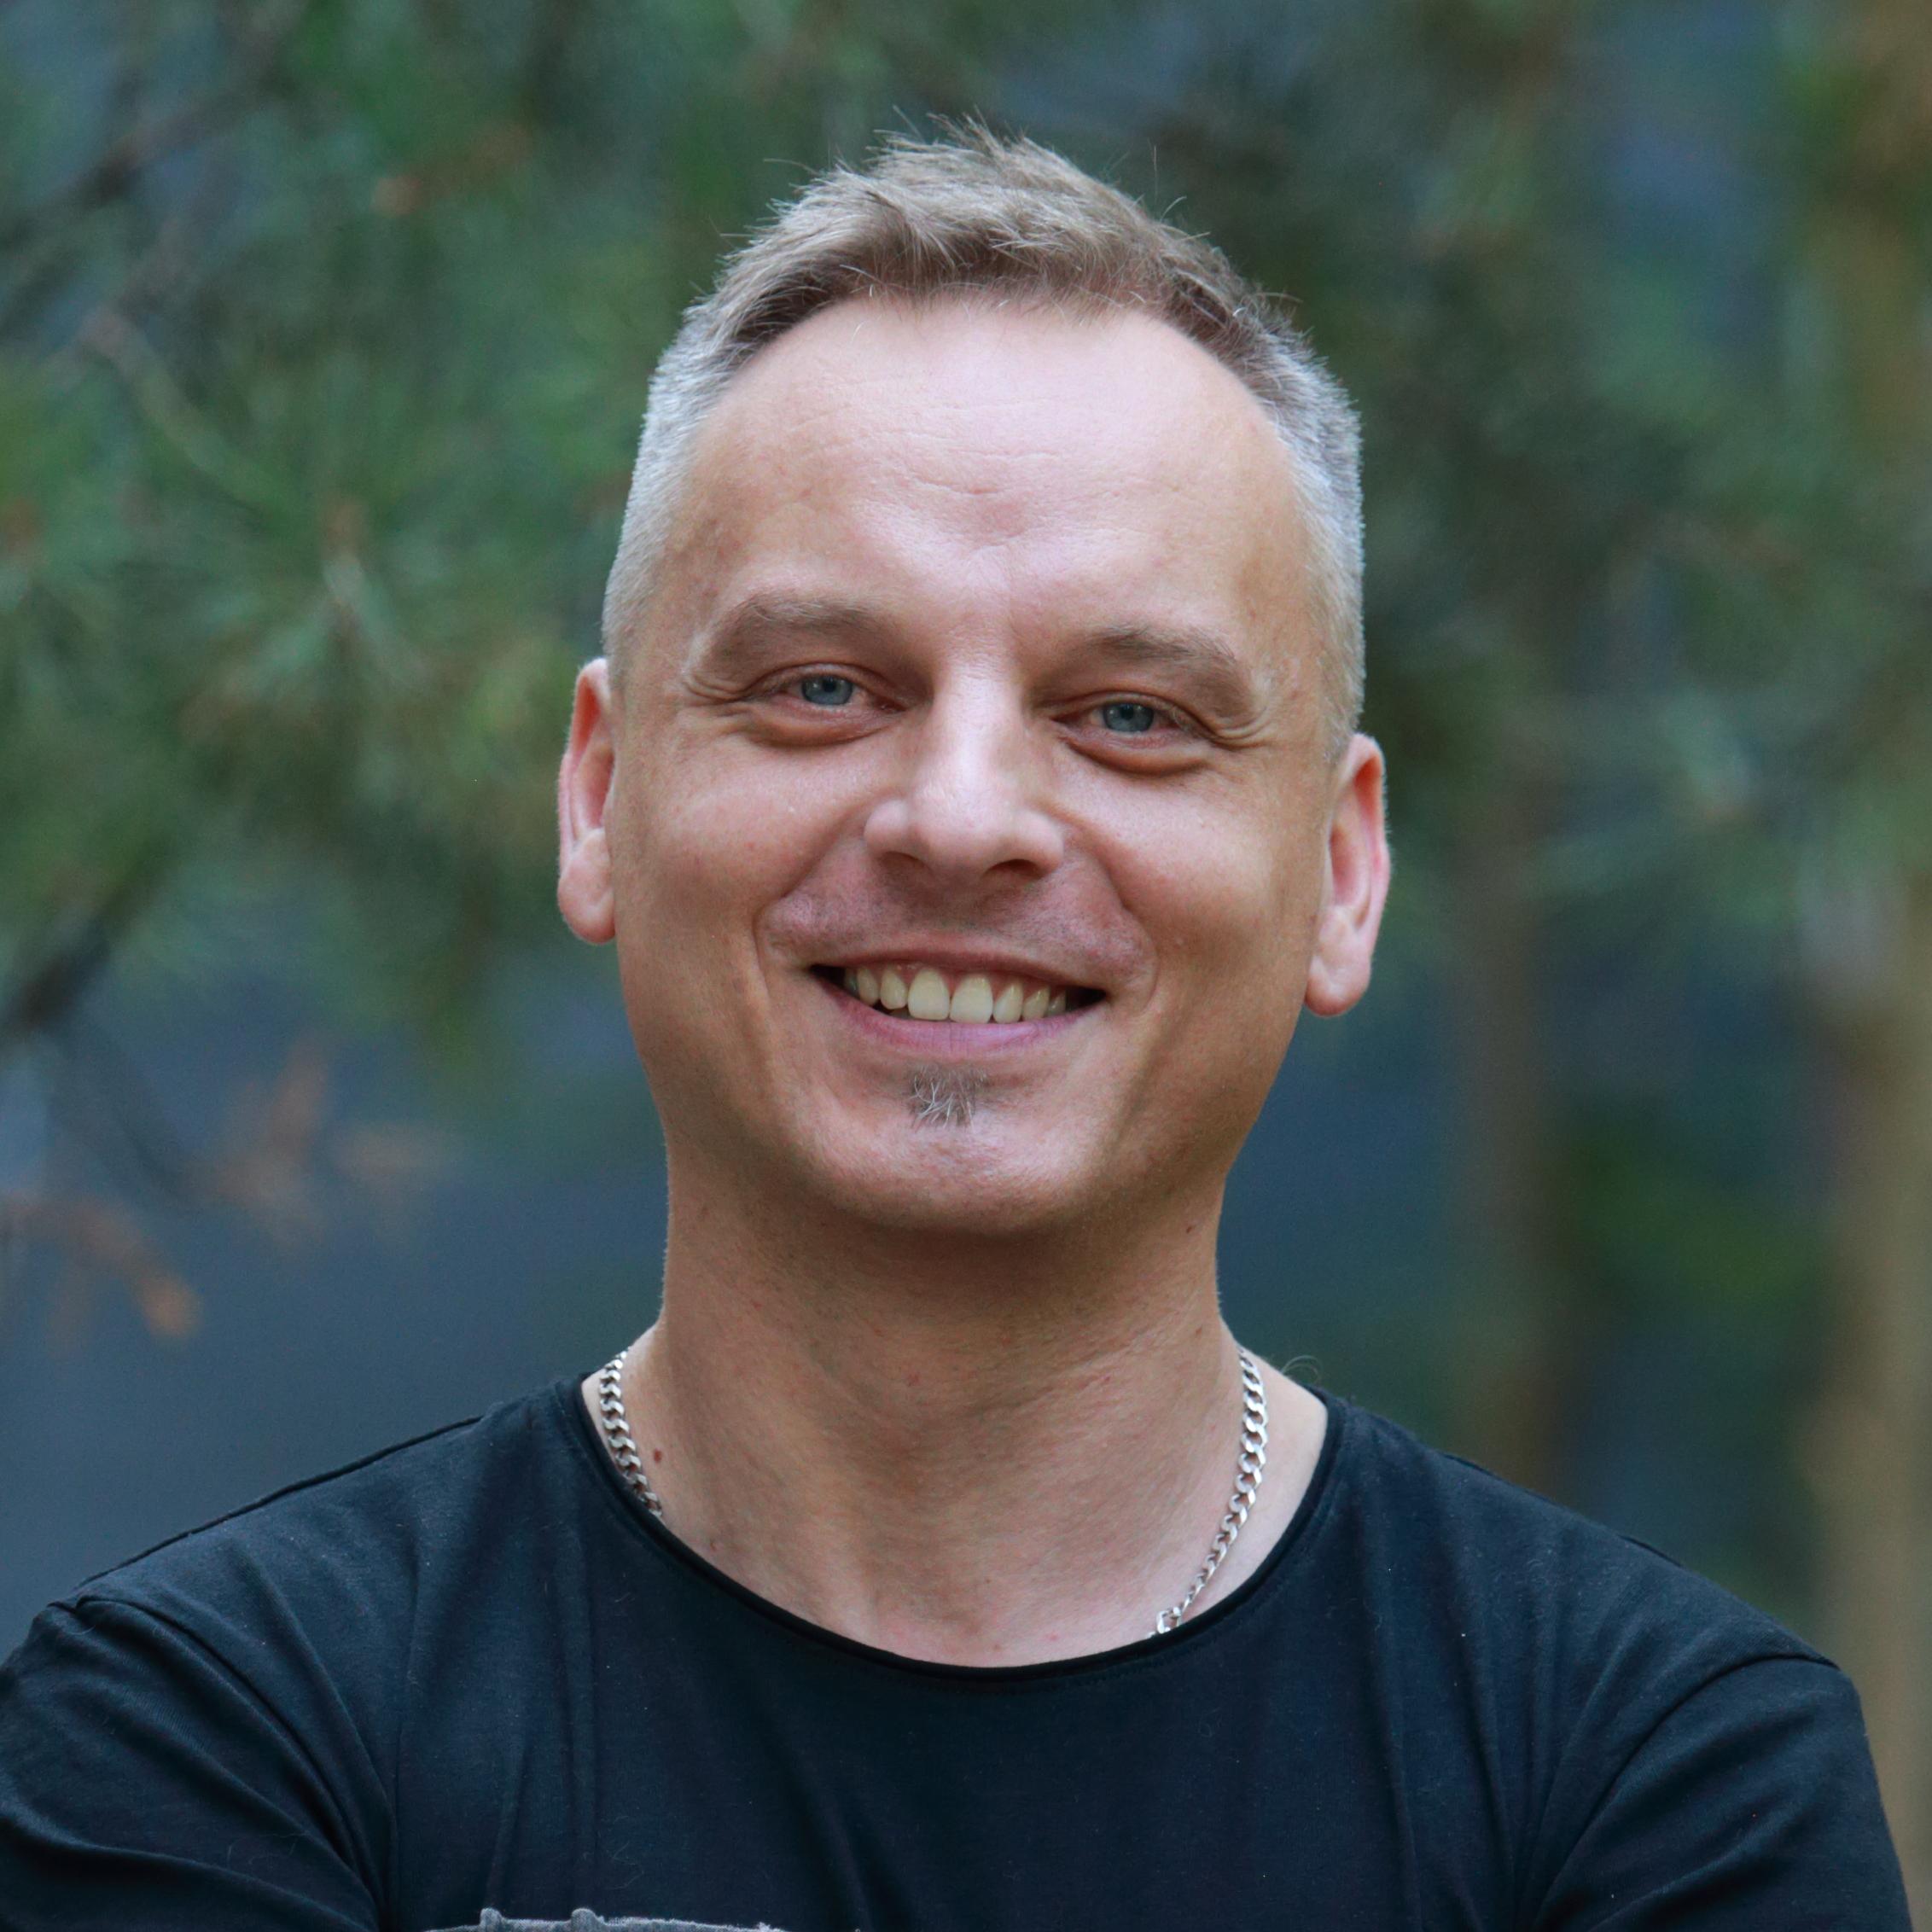 Artur Maciejewski